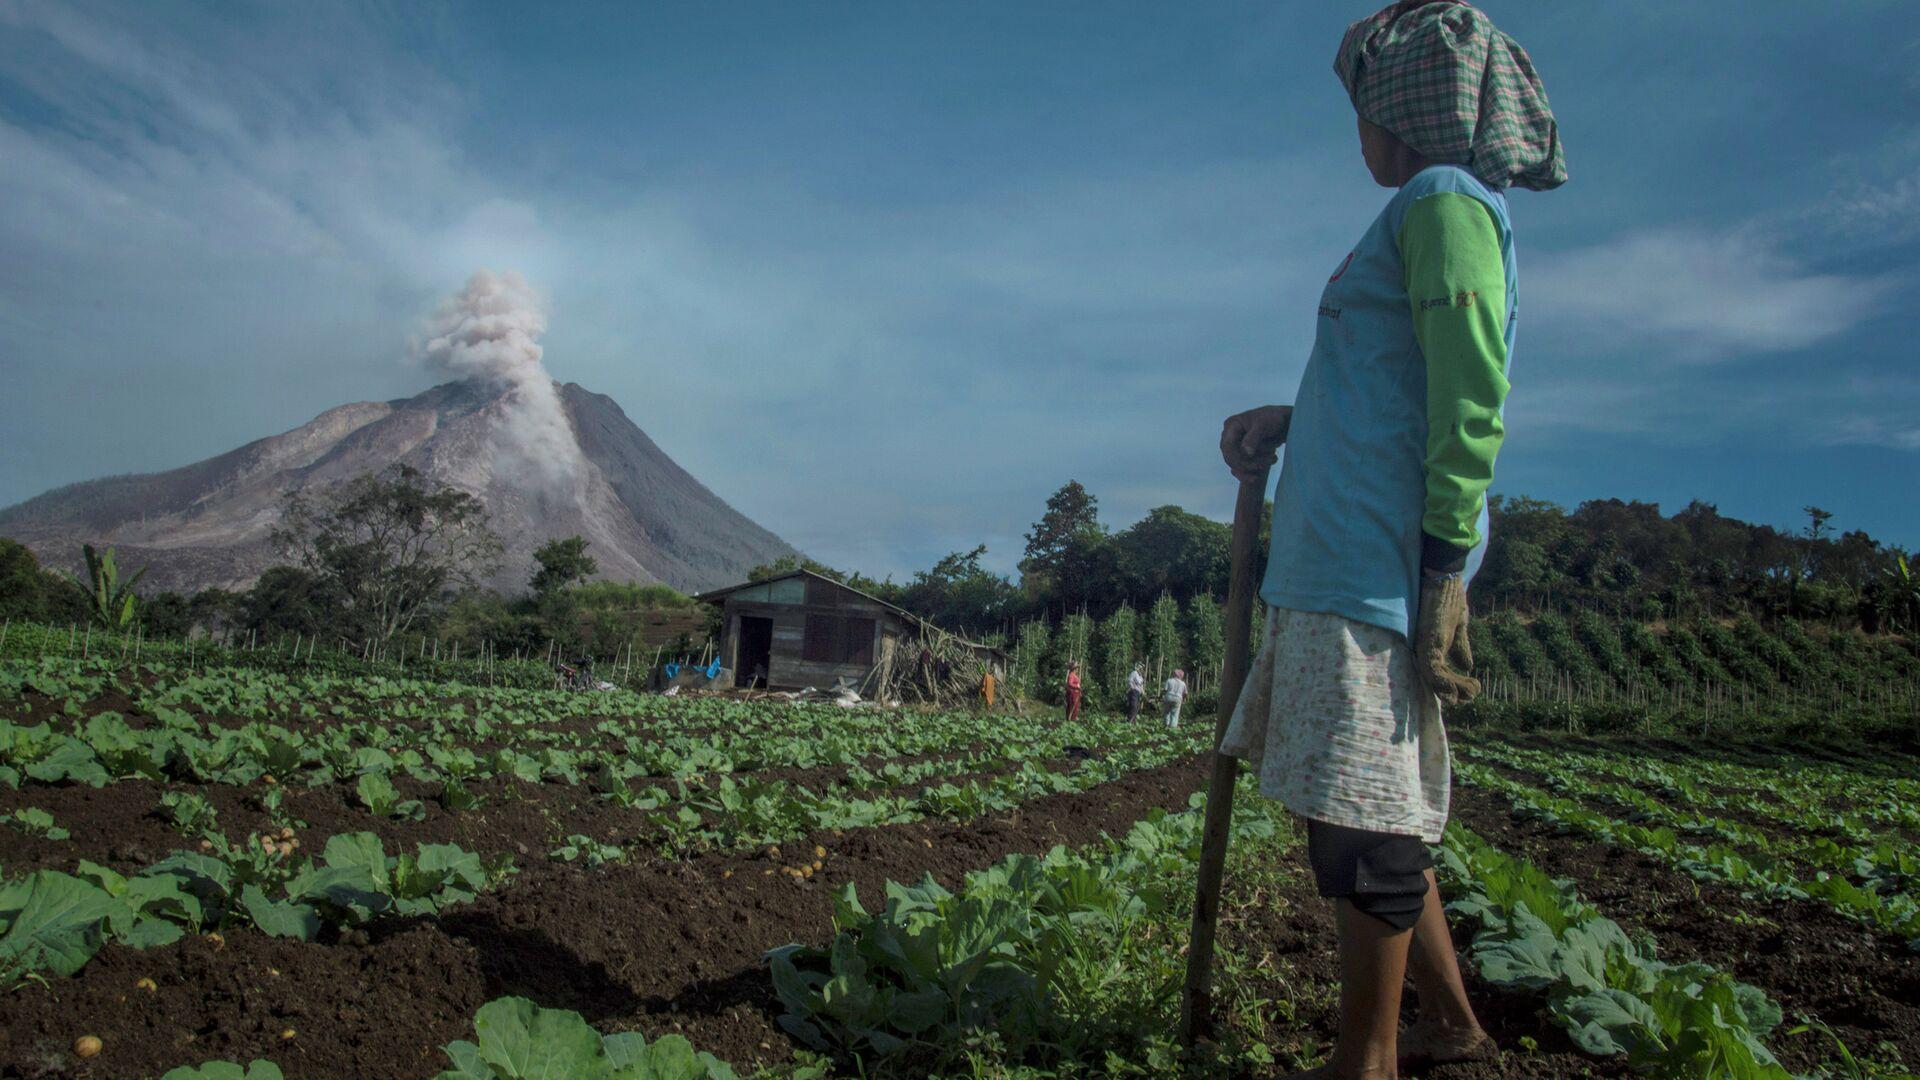 En esta fotografía tomada el 3 de junio de 2015, un agricultor indonesio del distrito de Karo observa cómo el volcán del monte Sinabung arroja humo y ceniza.  - Sputnik Mundo, 1920, 28.07.2021